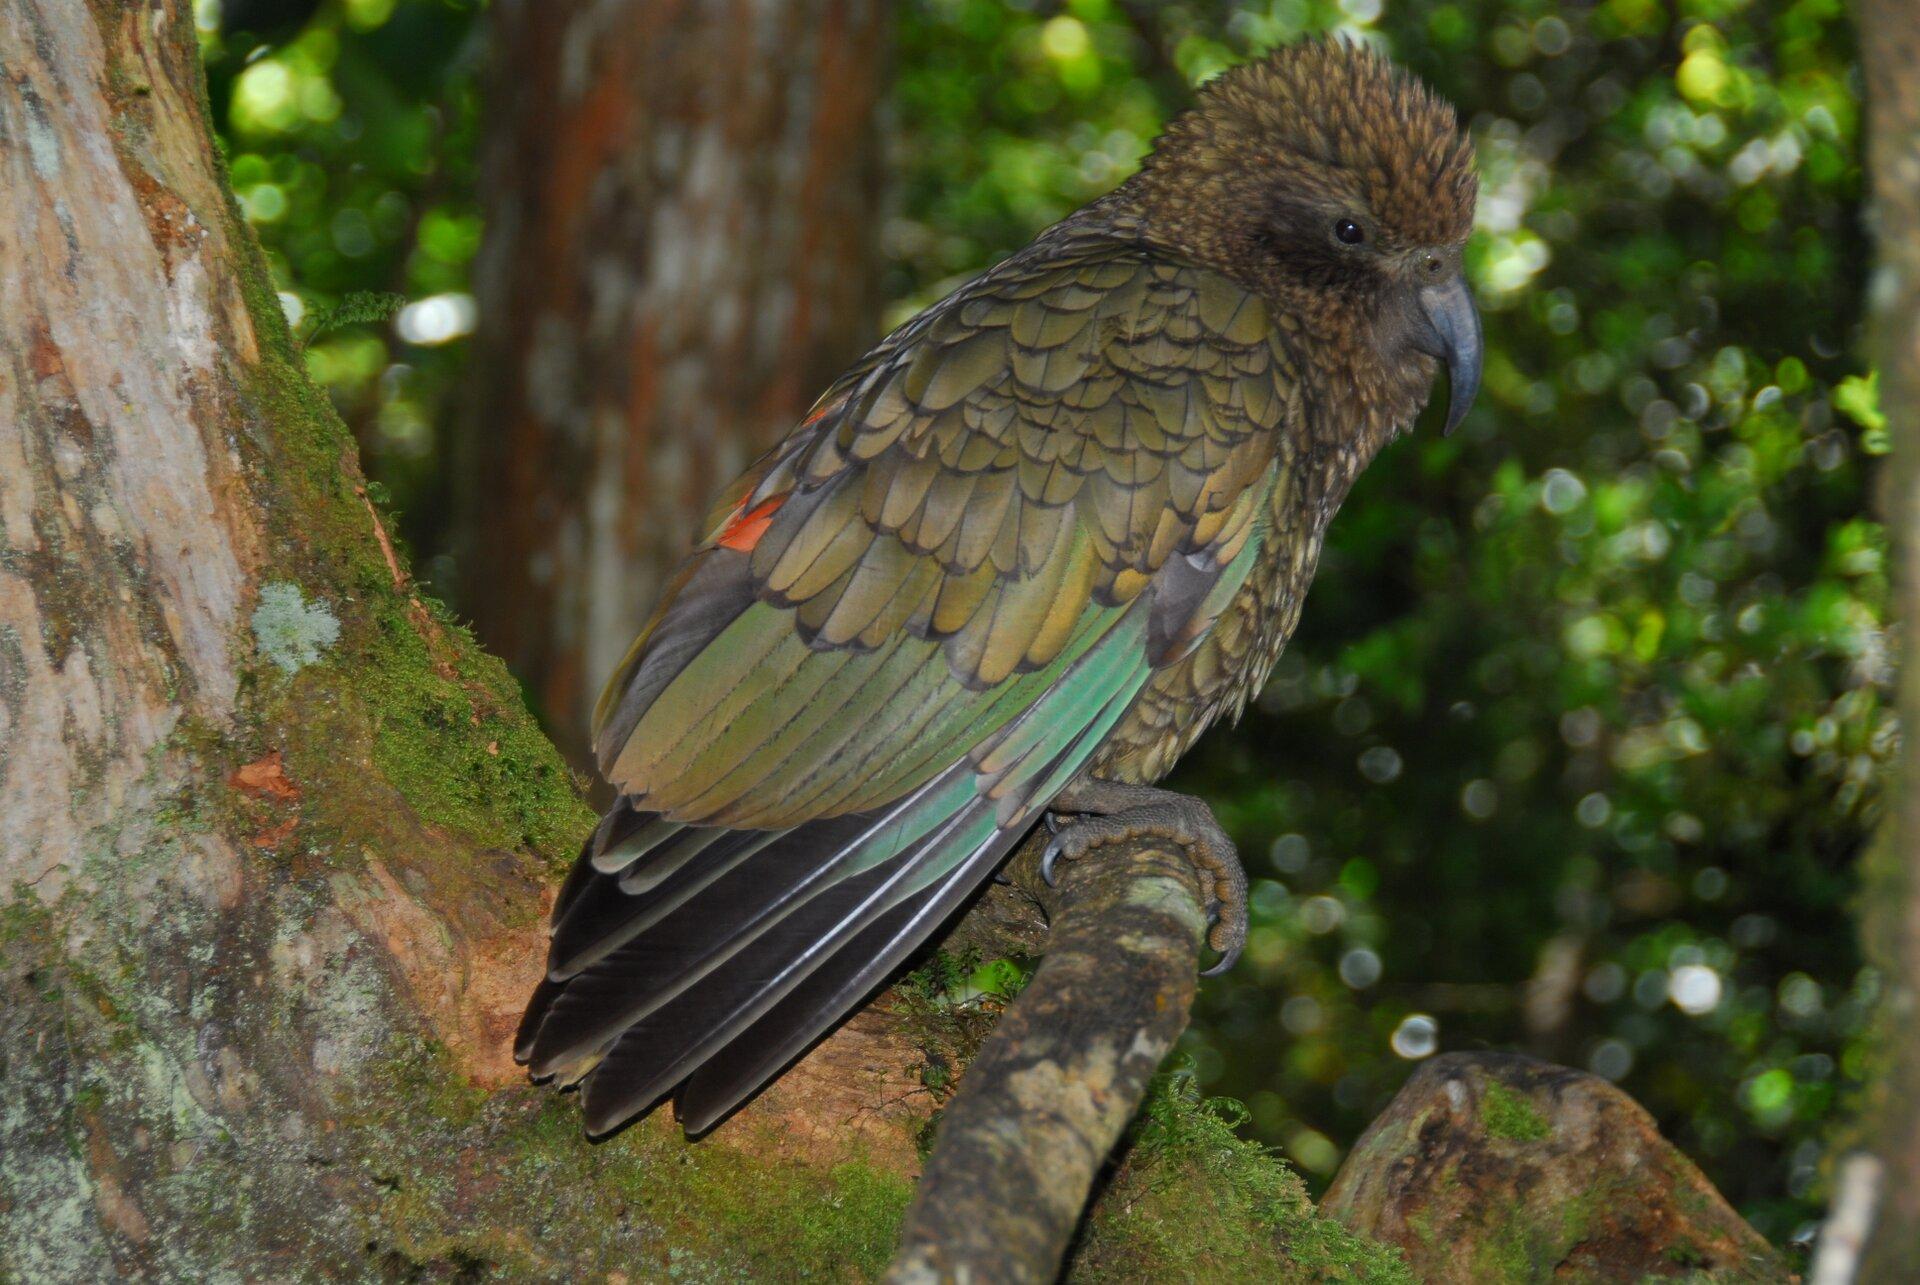 Fotografia przedstawia oliwkowoczarną papugę wtropikalnym lesie. Nestor kea siedzi na lianie skierowany wprawo. Na głowie ma nastroszone krótkie pióra izakrzywiony, grafitowy dziób.